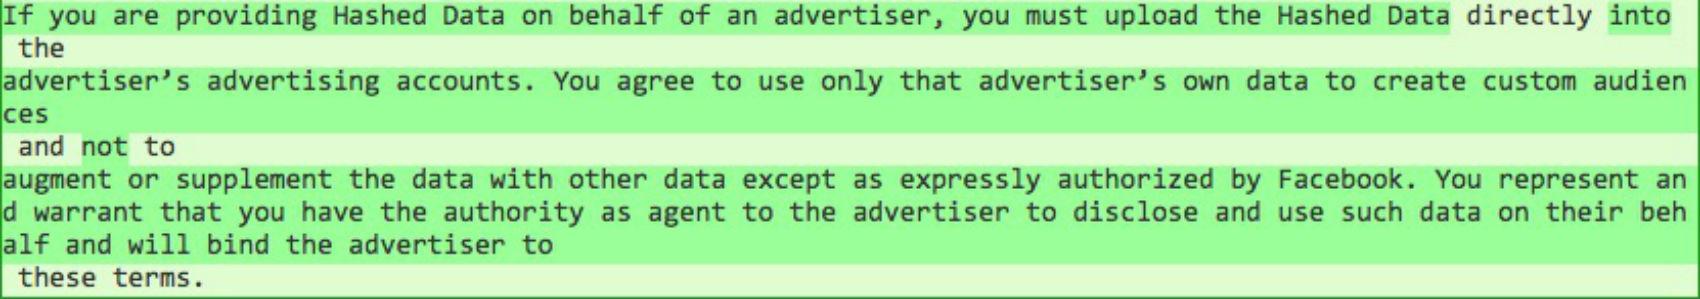 Facebook terms on data collection via Diffchecker